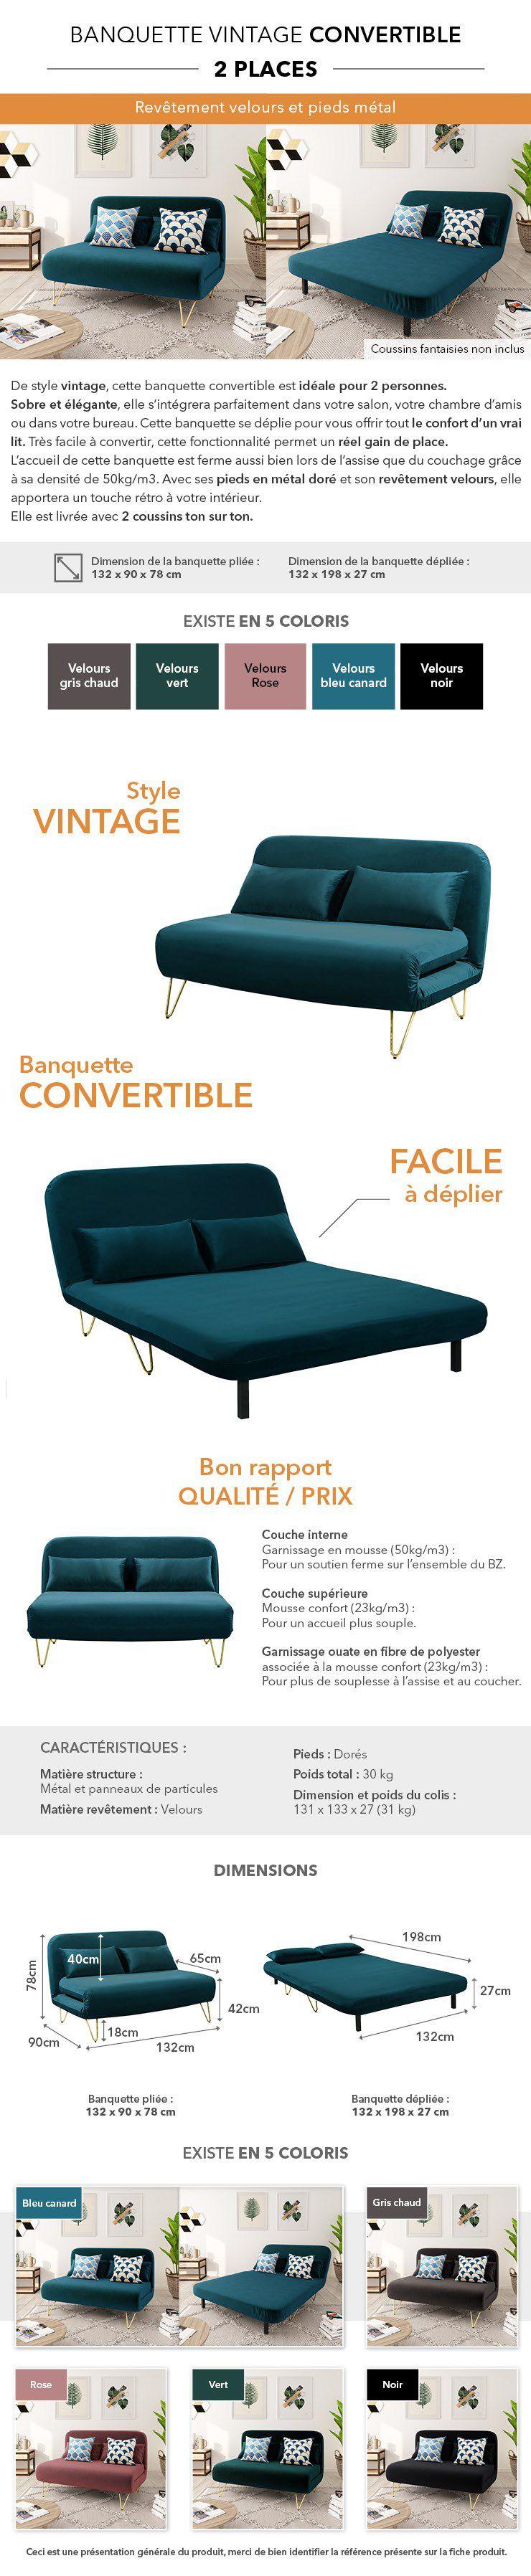 bedz banquette bz 2 places - velours bleu canard - vintage - l 132 x